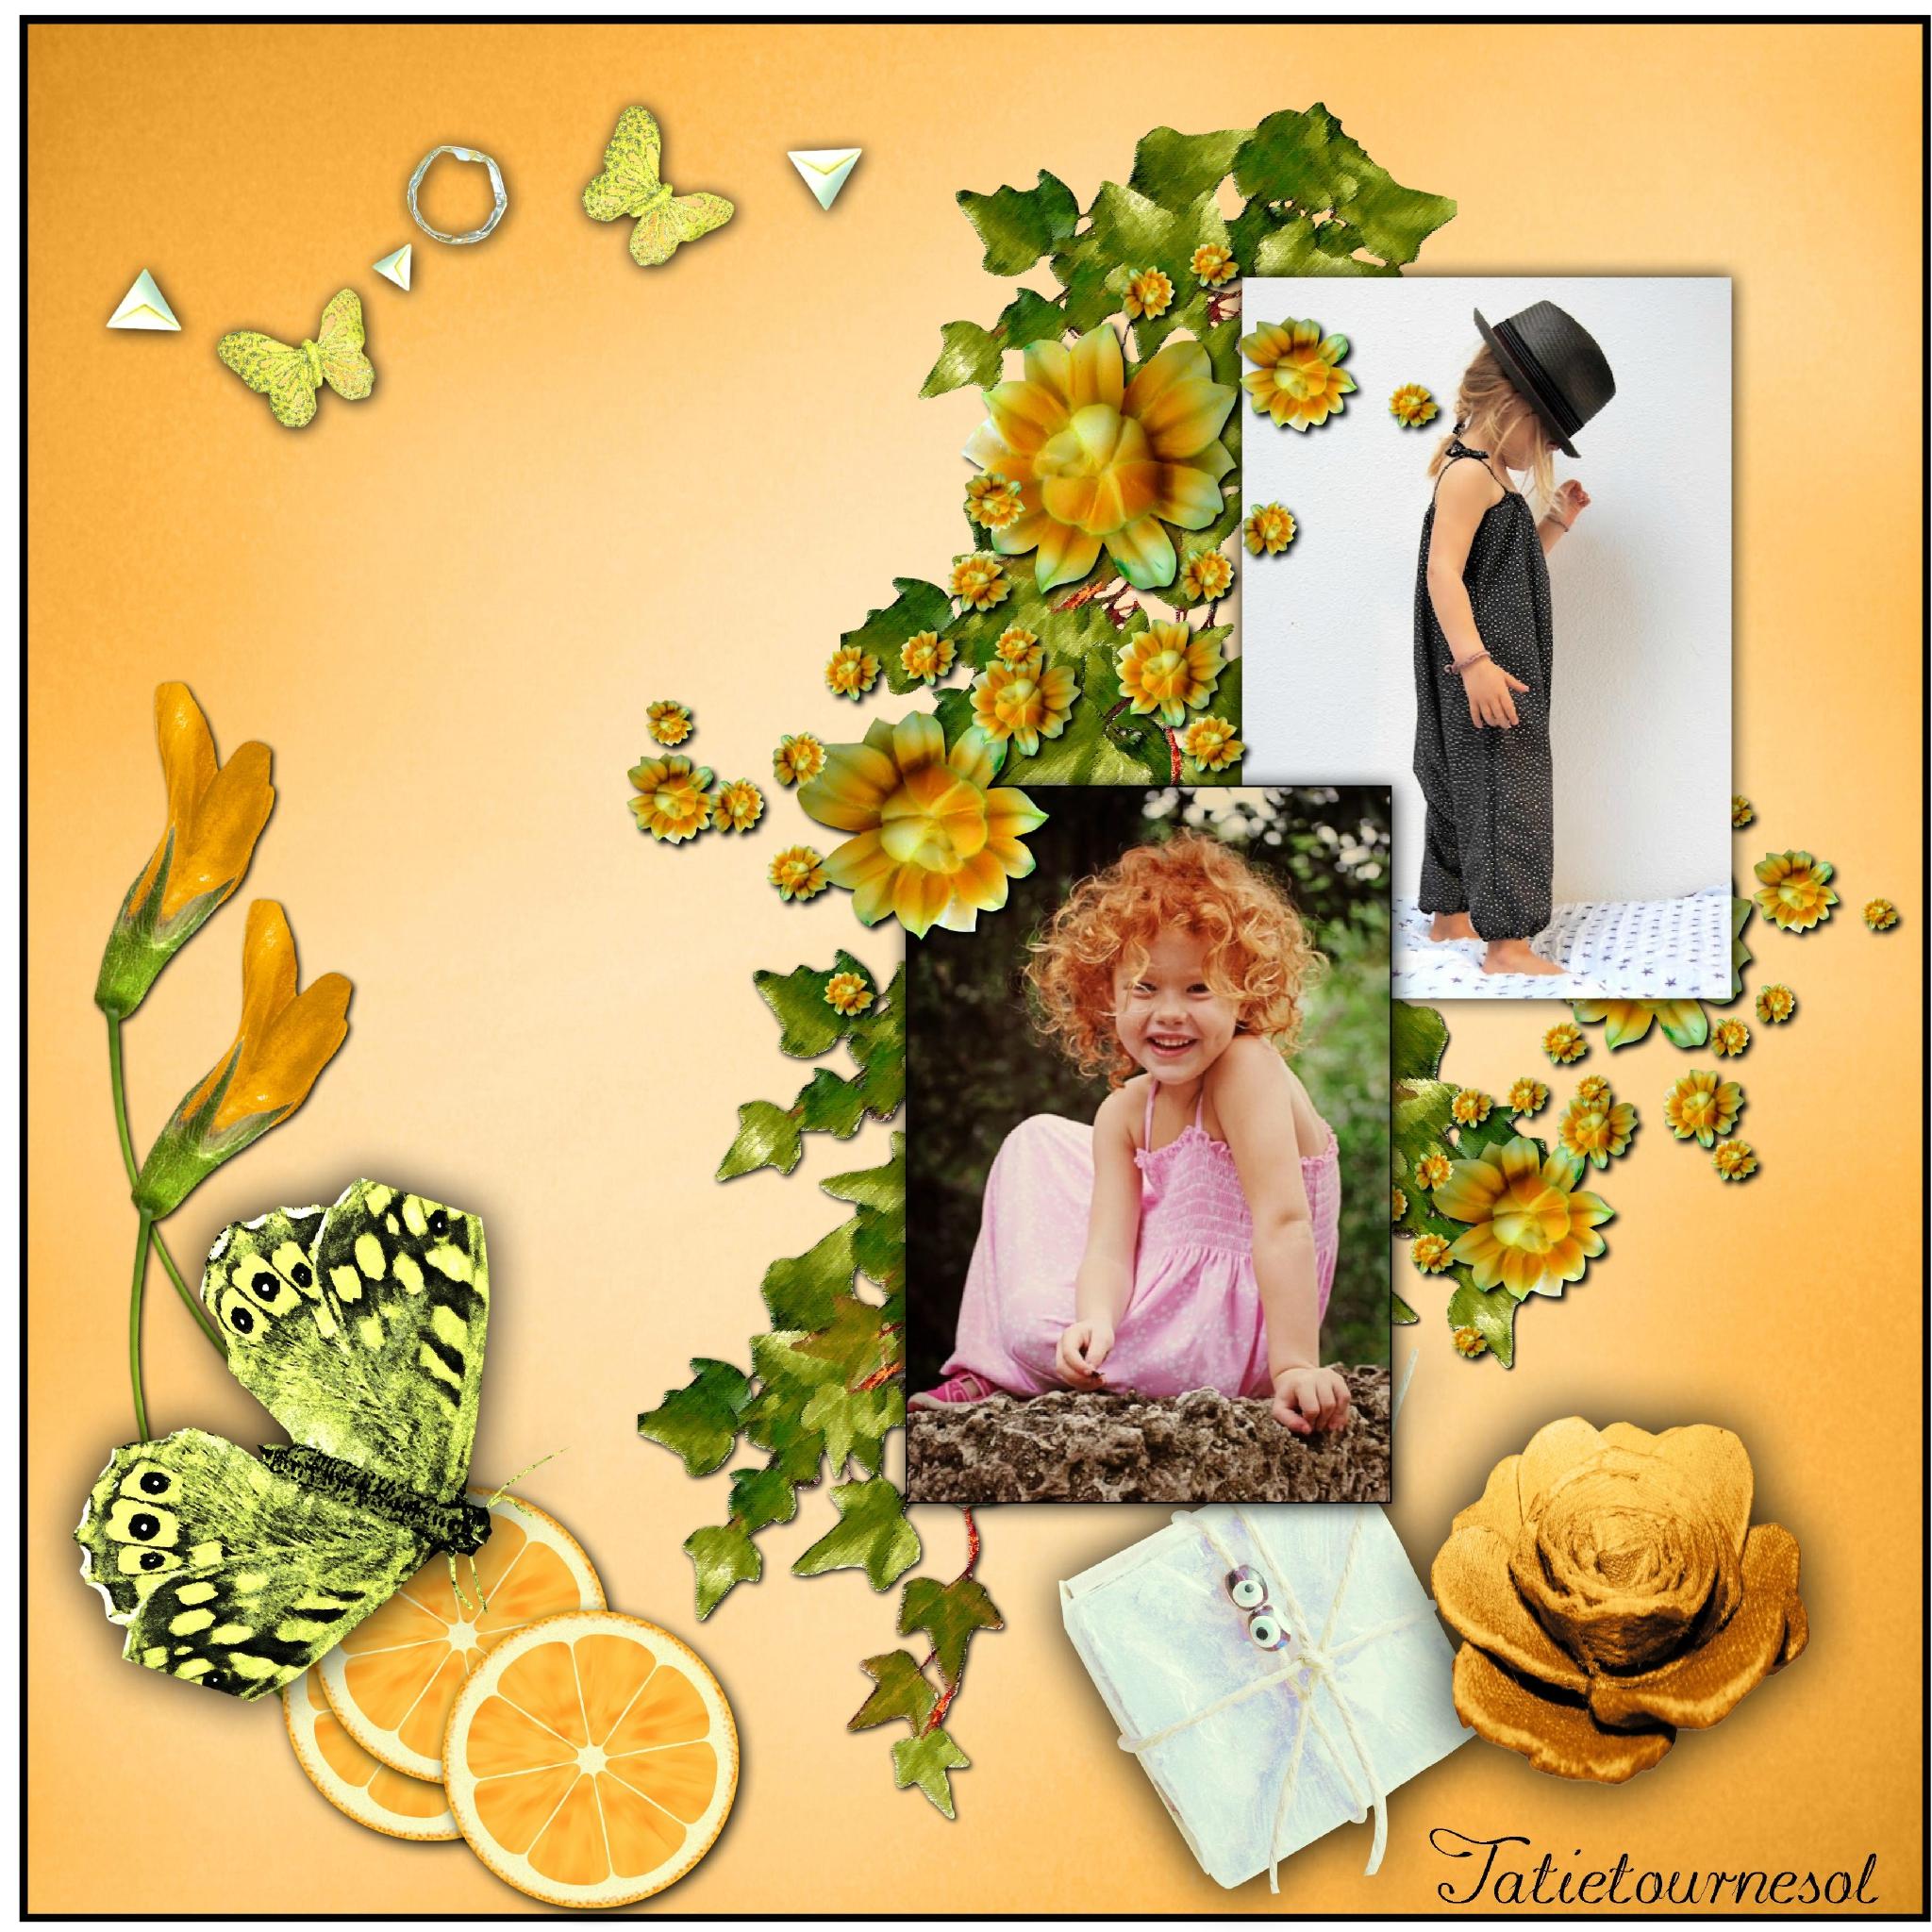 * Une page vitaminée à l'orange